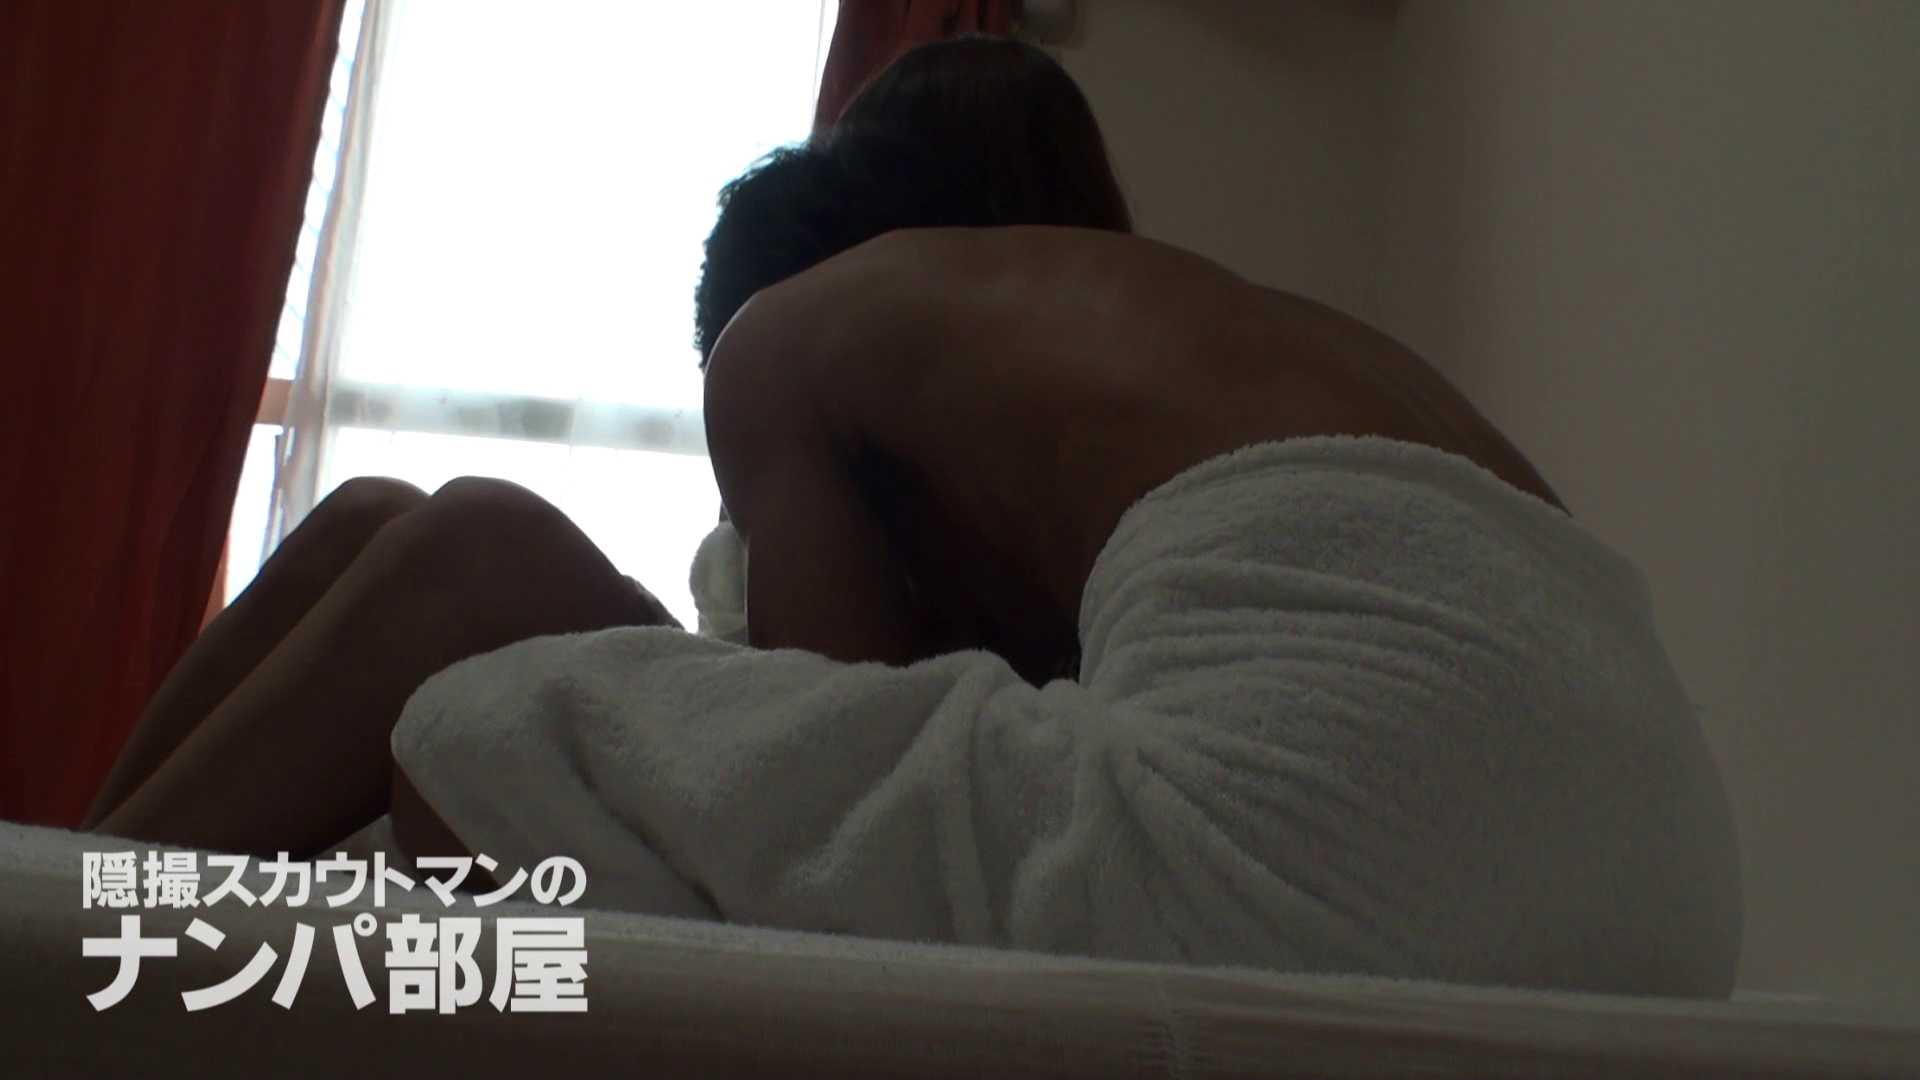 隠撮スカウトマンのナンパ部屋~風俗デビュー前のつまみ食い~ sii 脱衣所 | ナンパ  90連発 58